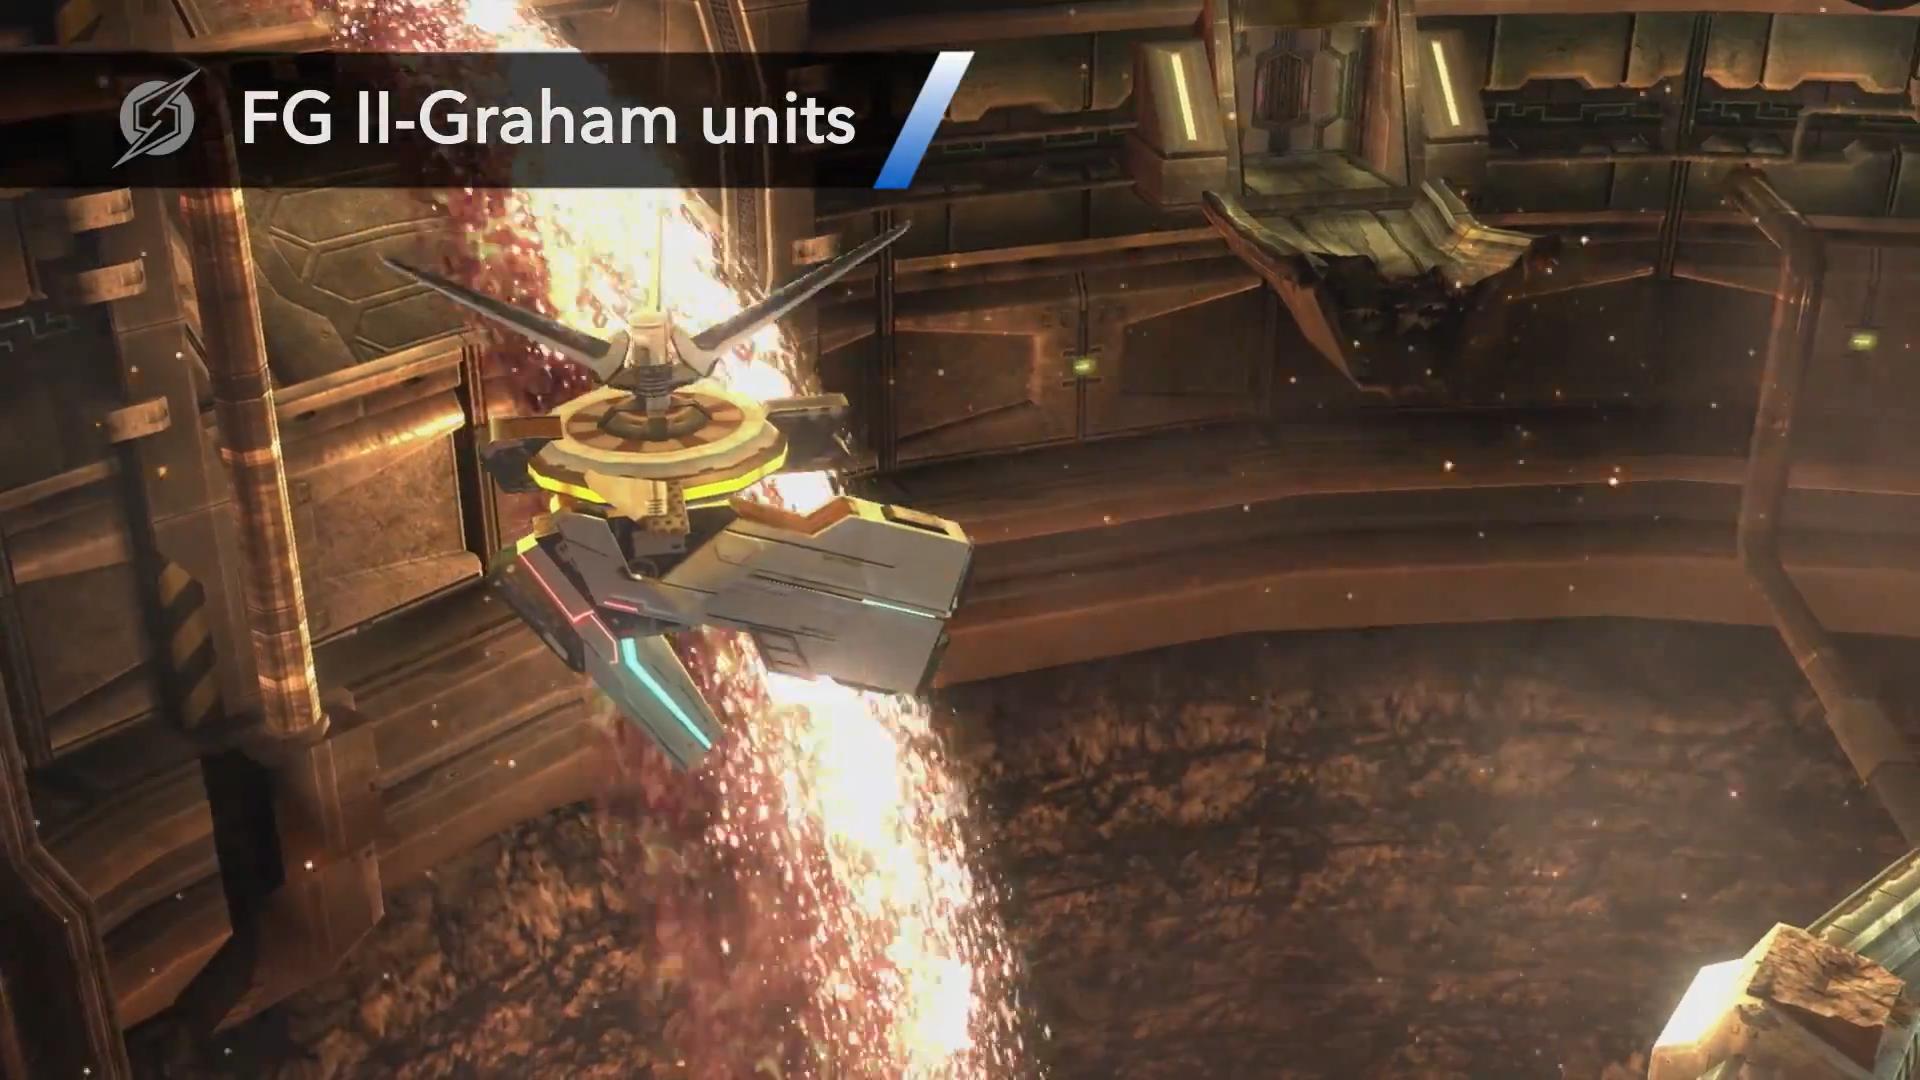 FG II-Graham